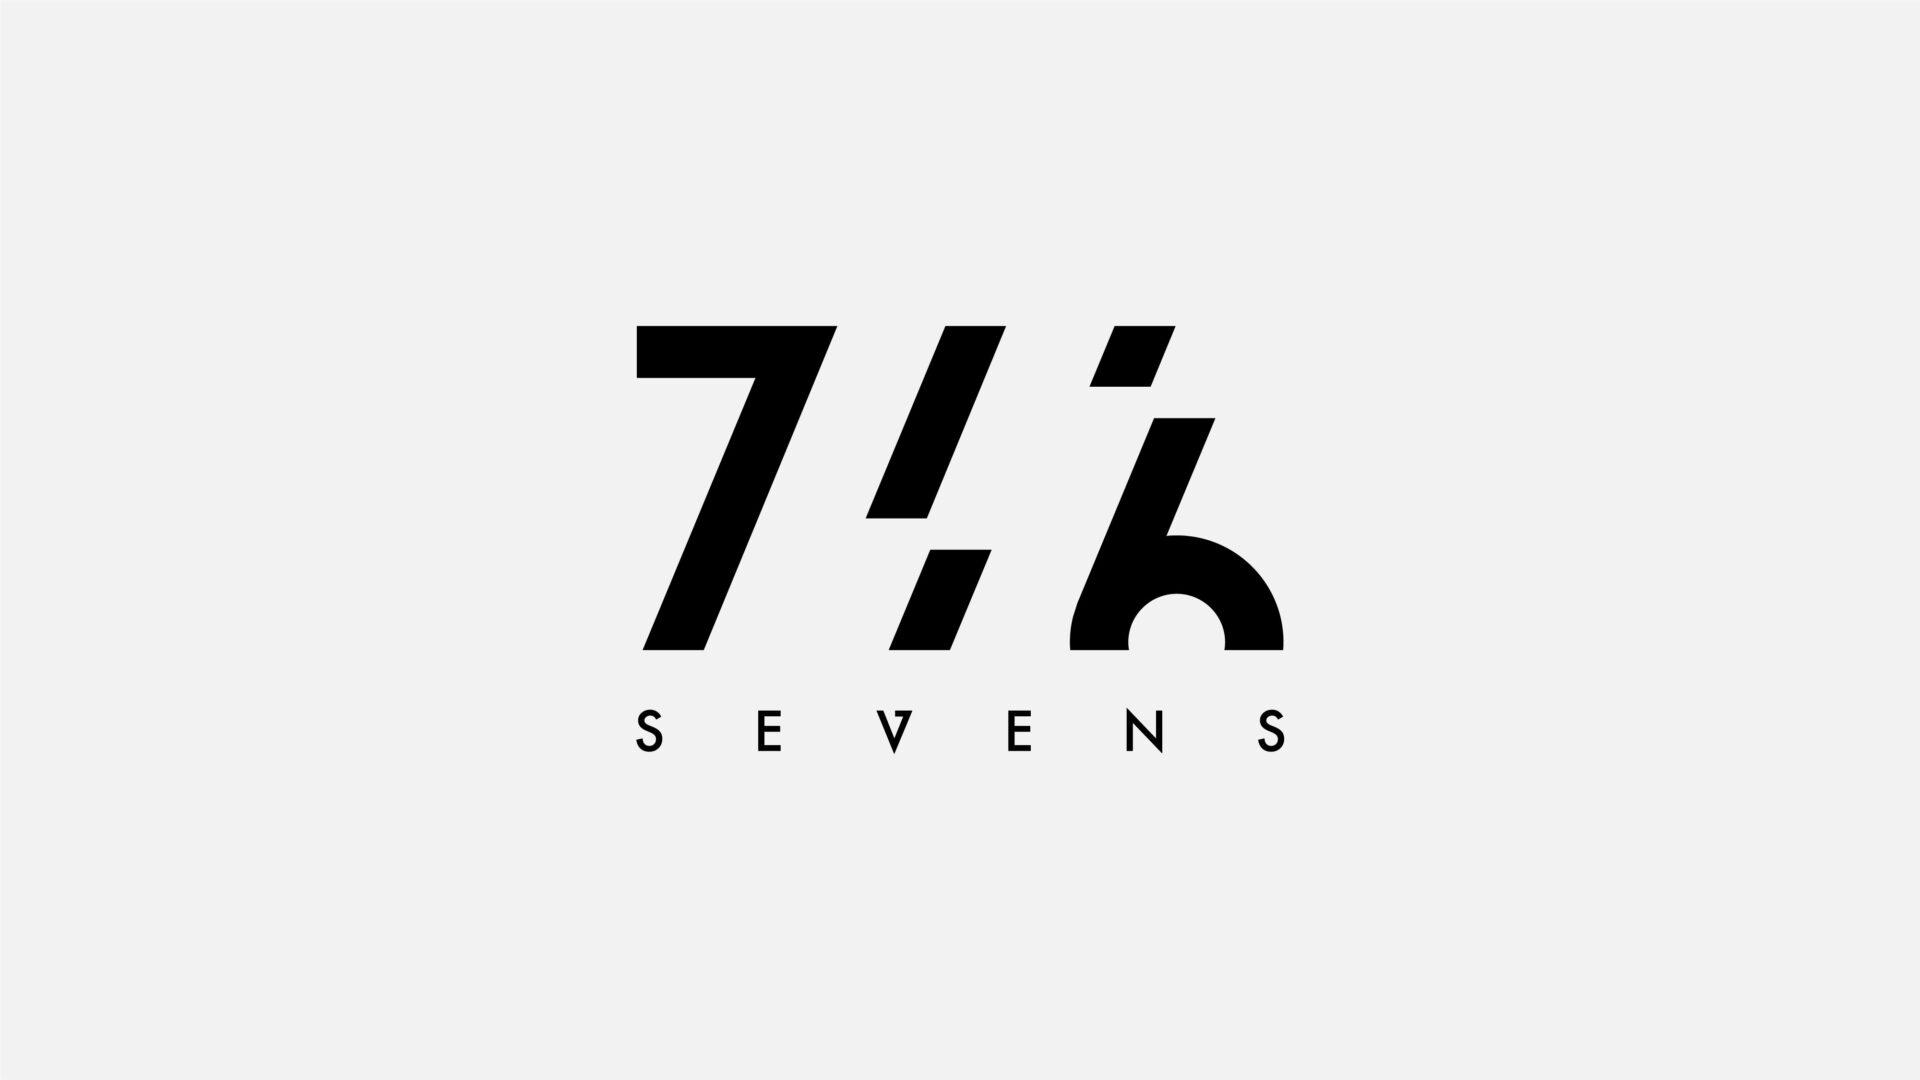 「SEVENS」のサムネイル画像